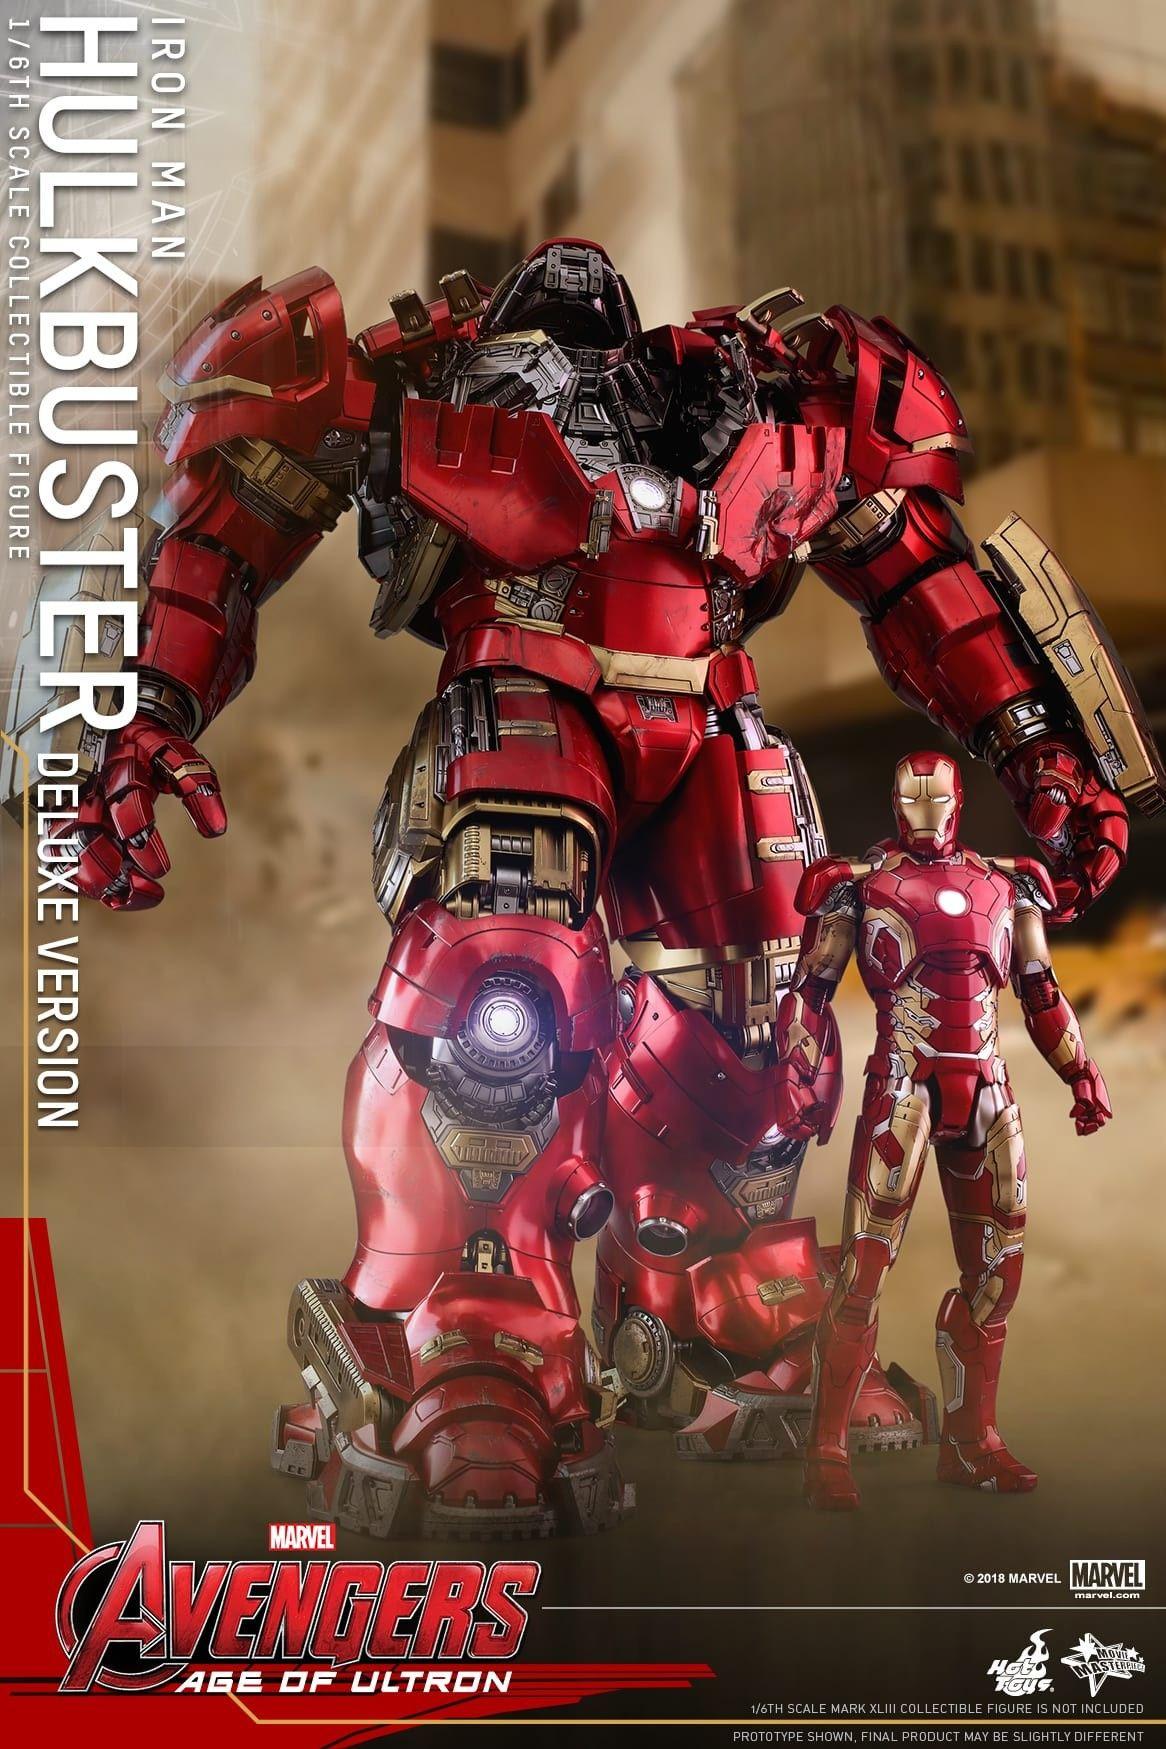 Hulk Buster Toys Marvel Marvel Ironman Hulkbuster Hulk Hd 4k